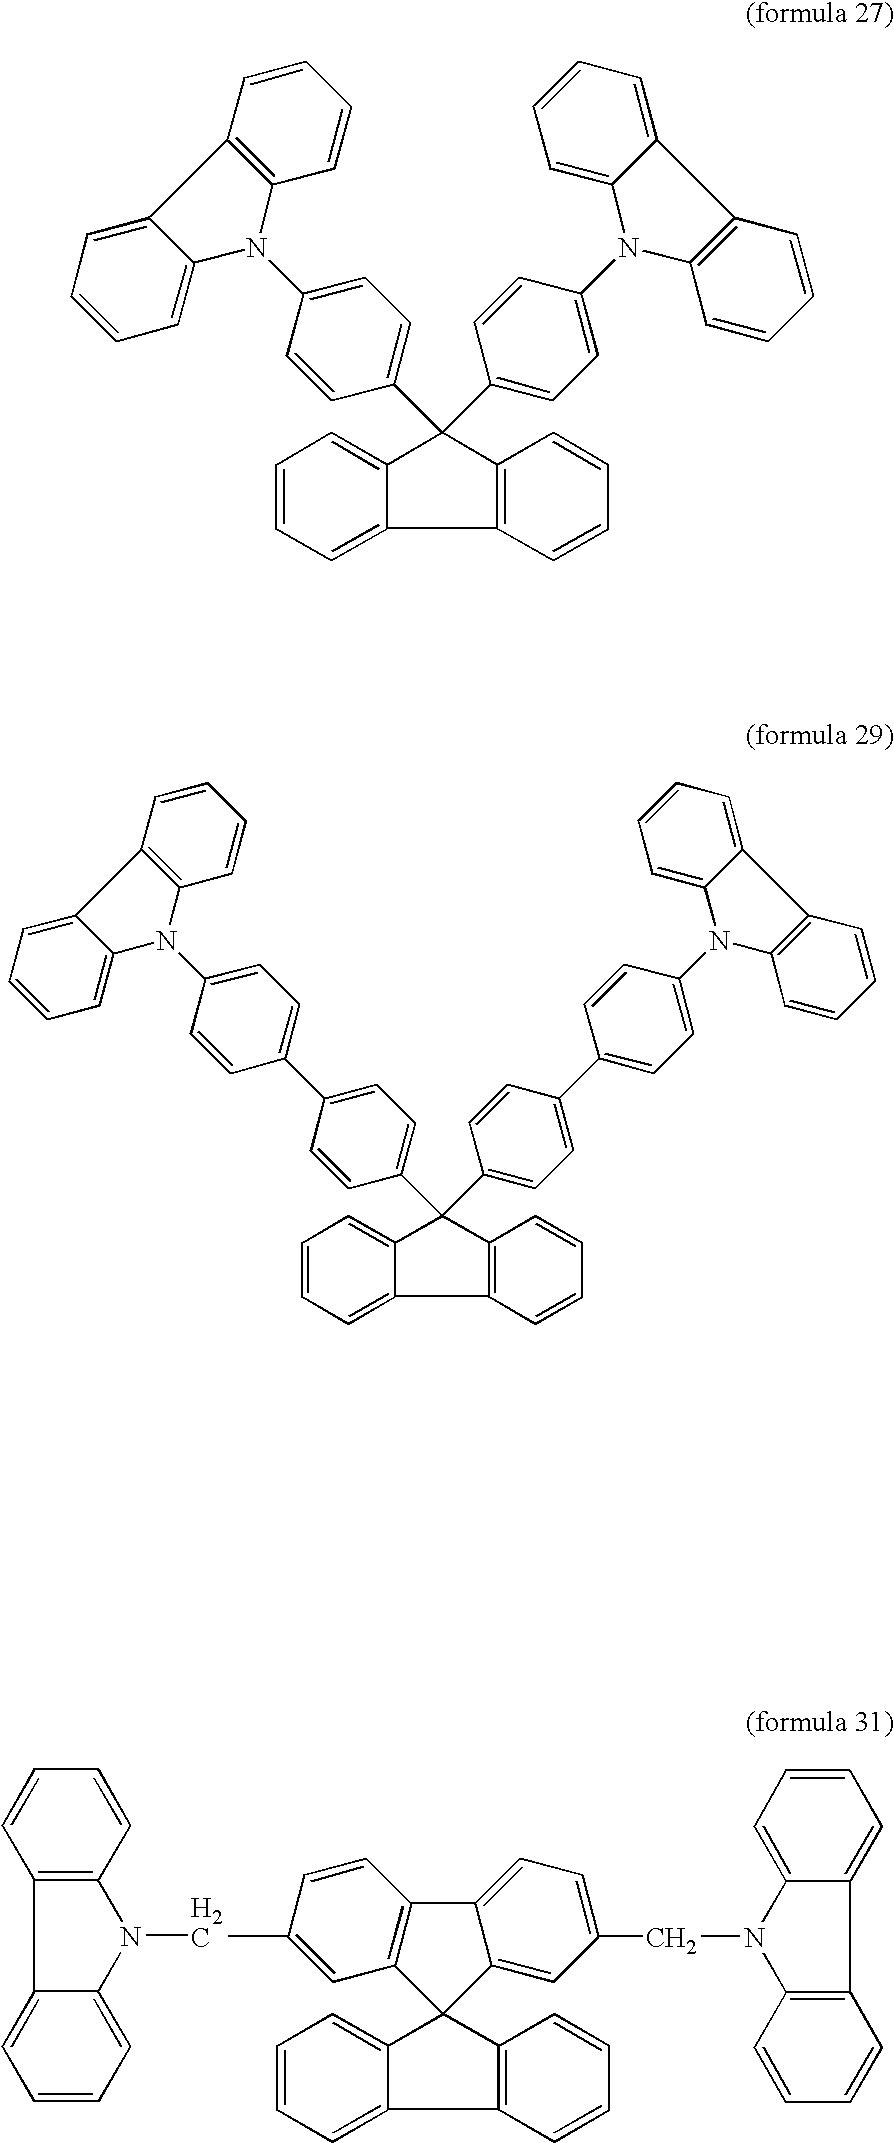 Figure US20050127826A1-20050616-C00022